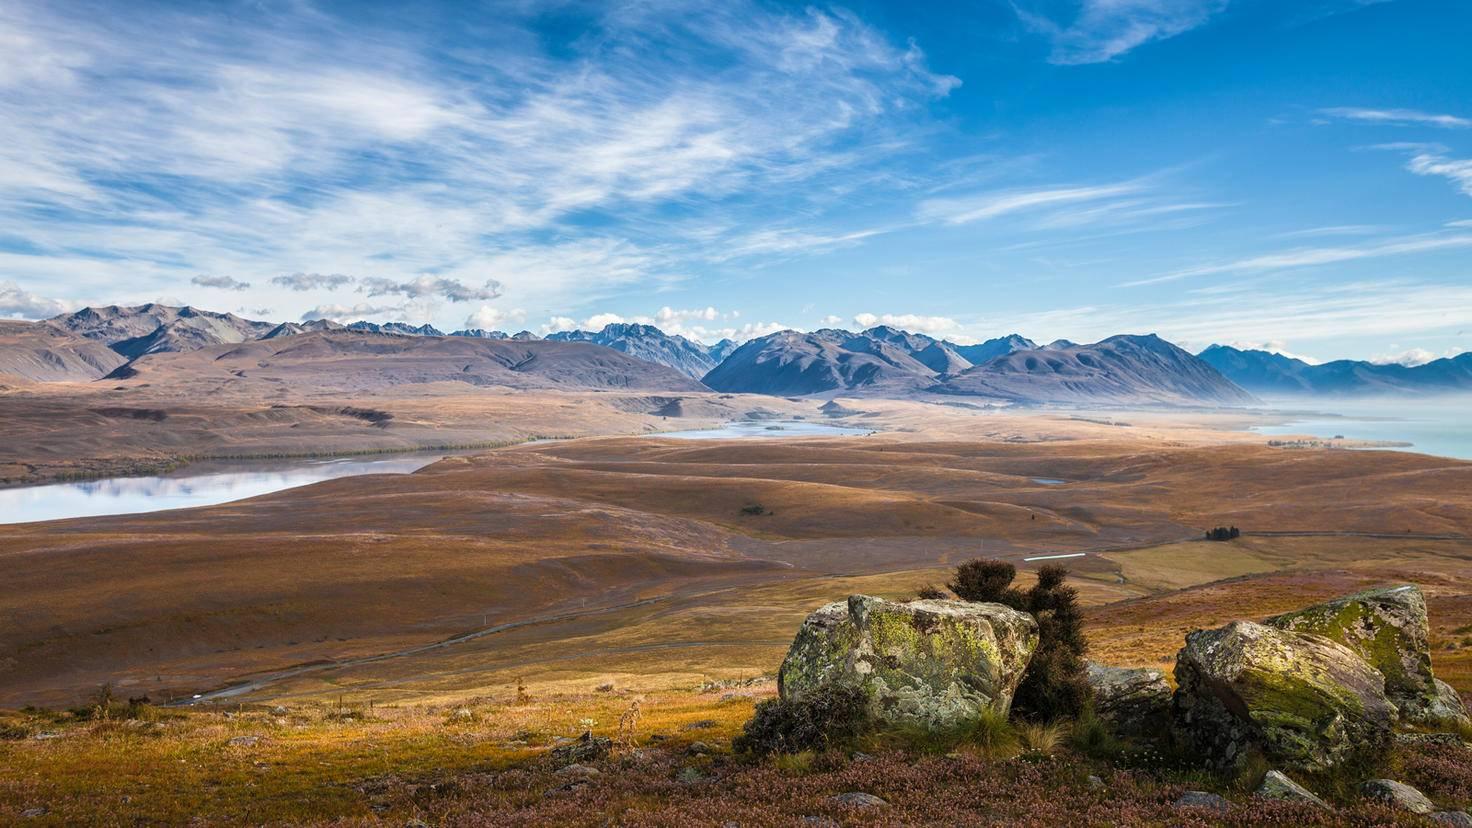 Pelennor-Felder-Herr der Ringe Drehorte-Neuseeland-Uwe Moser-GettyImages-890830998